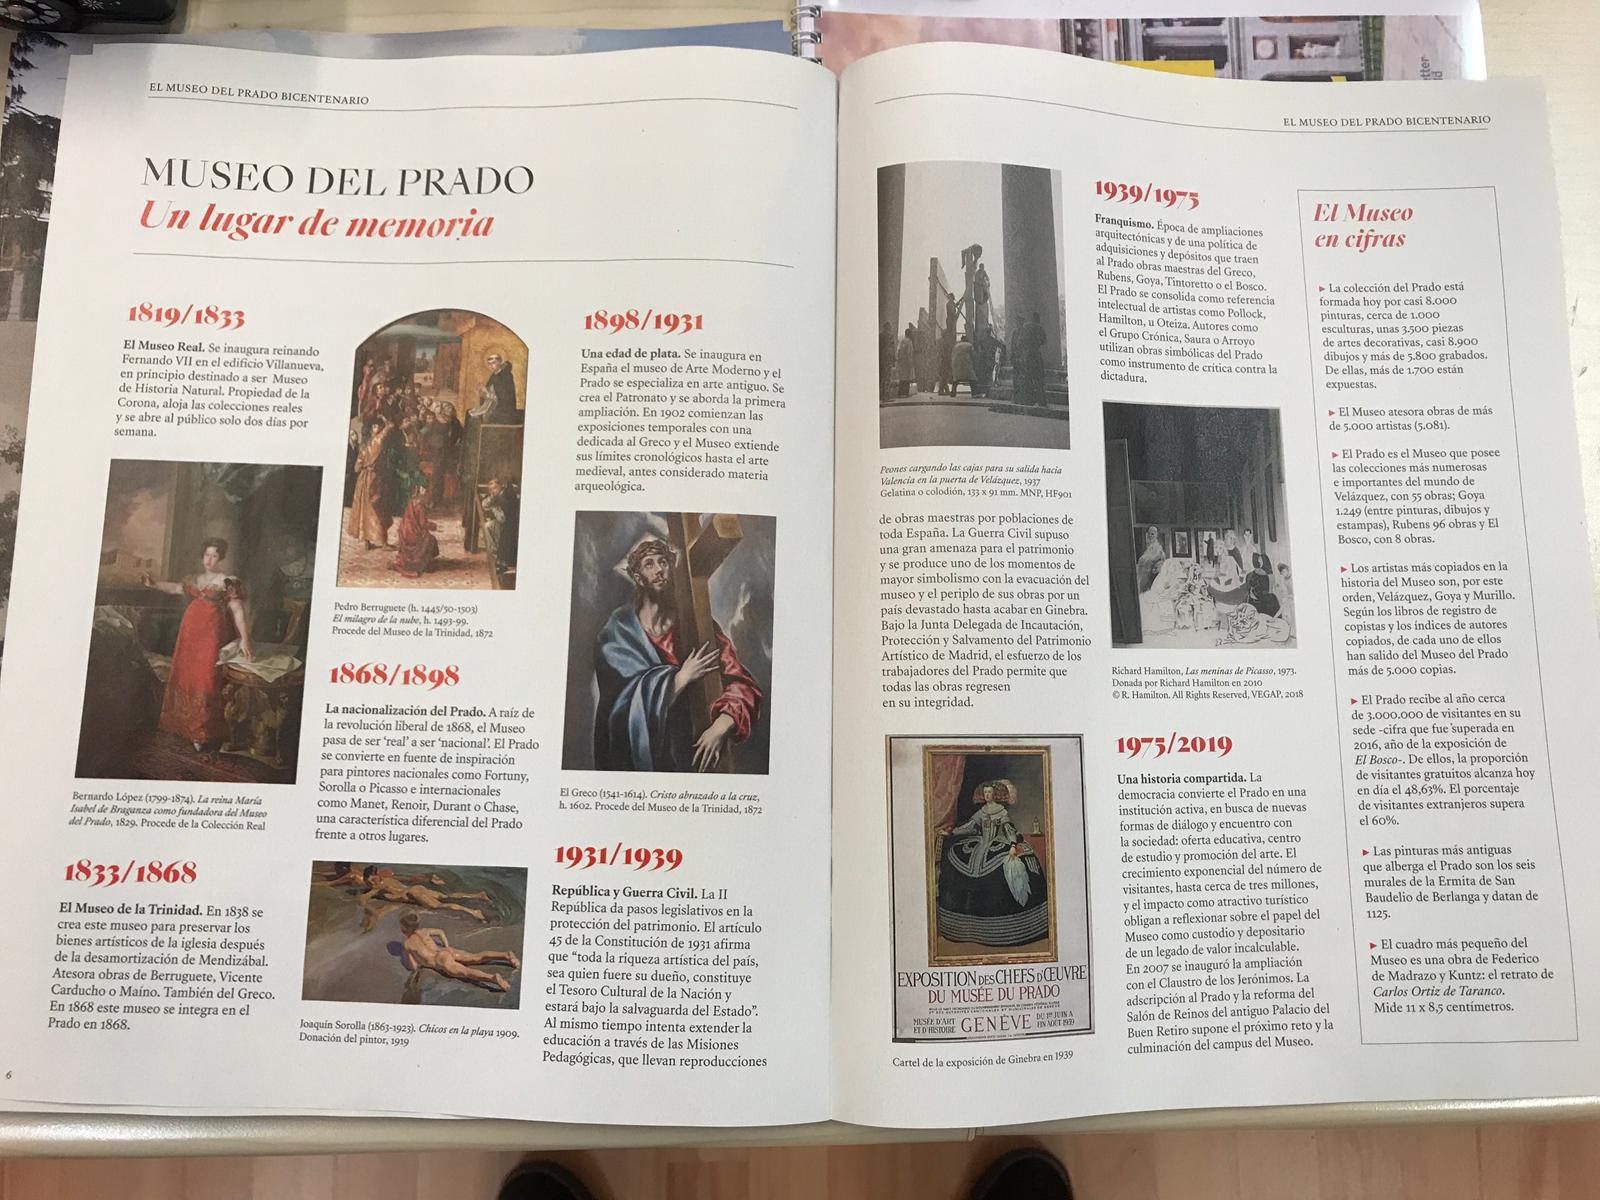 https://www.programapublicidad.com/wp-content/uploads/2018/12/encarte-bicentenario-museo-del-prado-lugar-de-memoria-programapublicidad-muy-grande..jpg